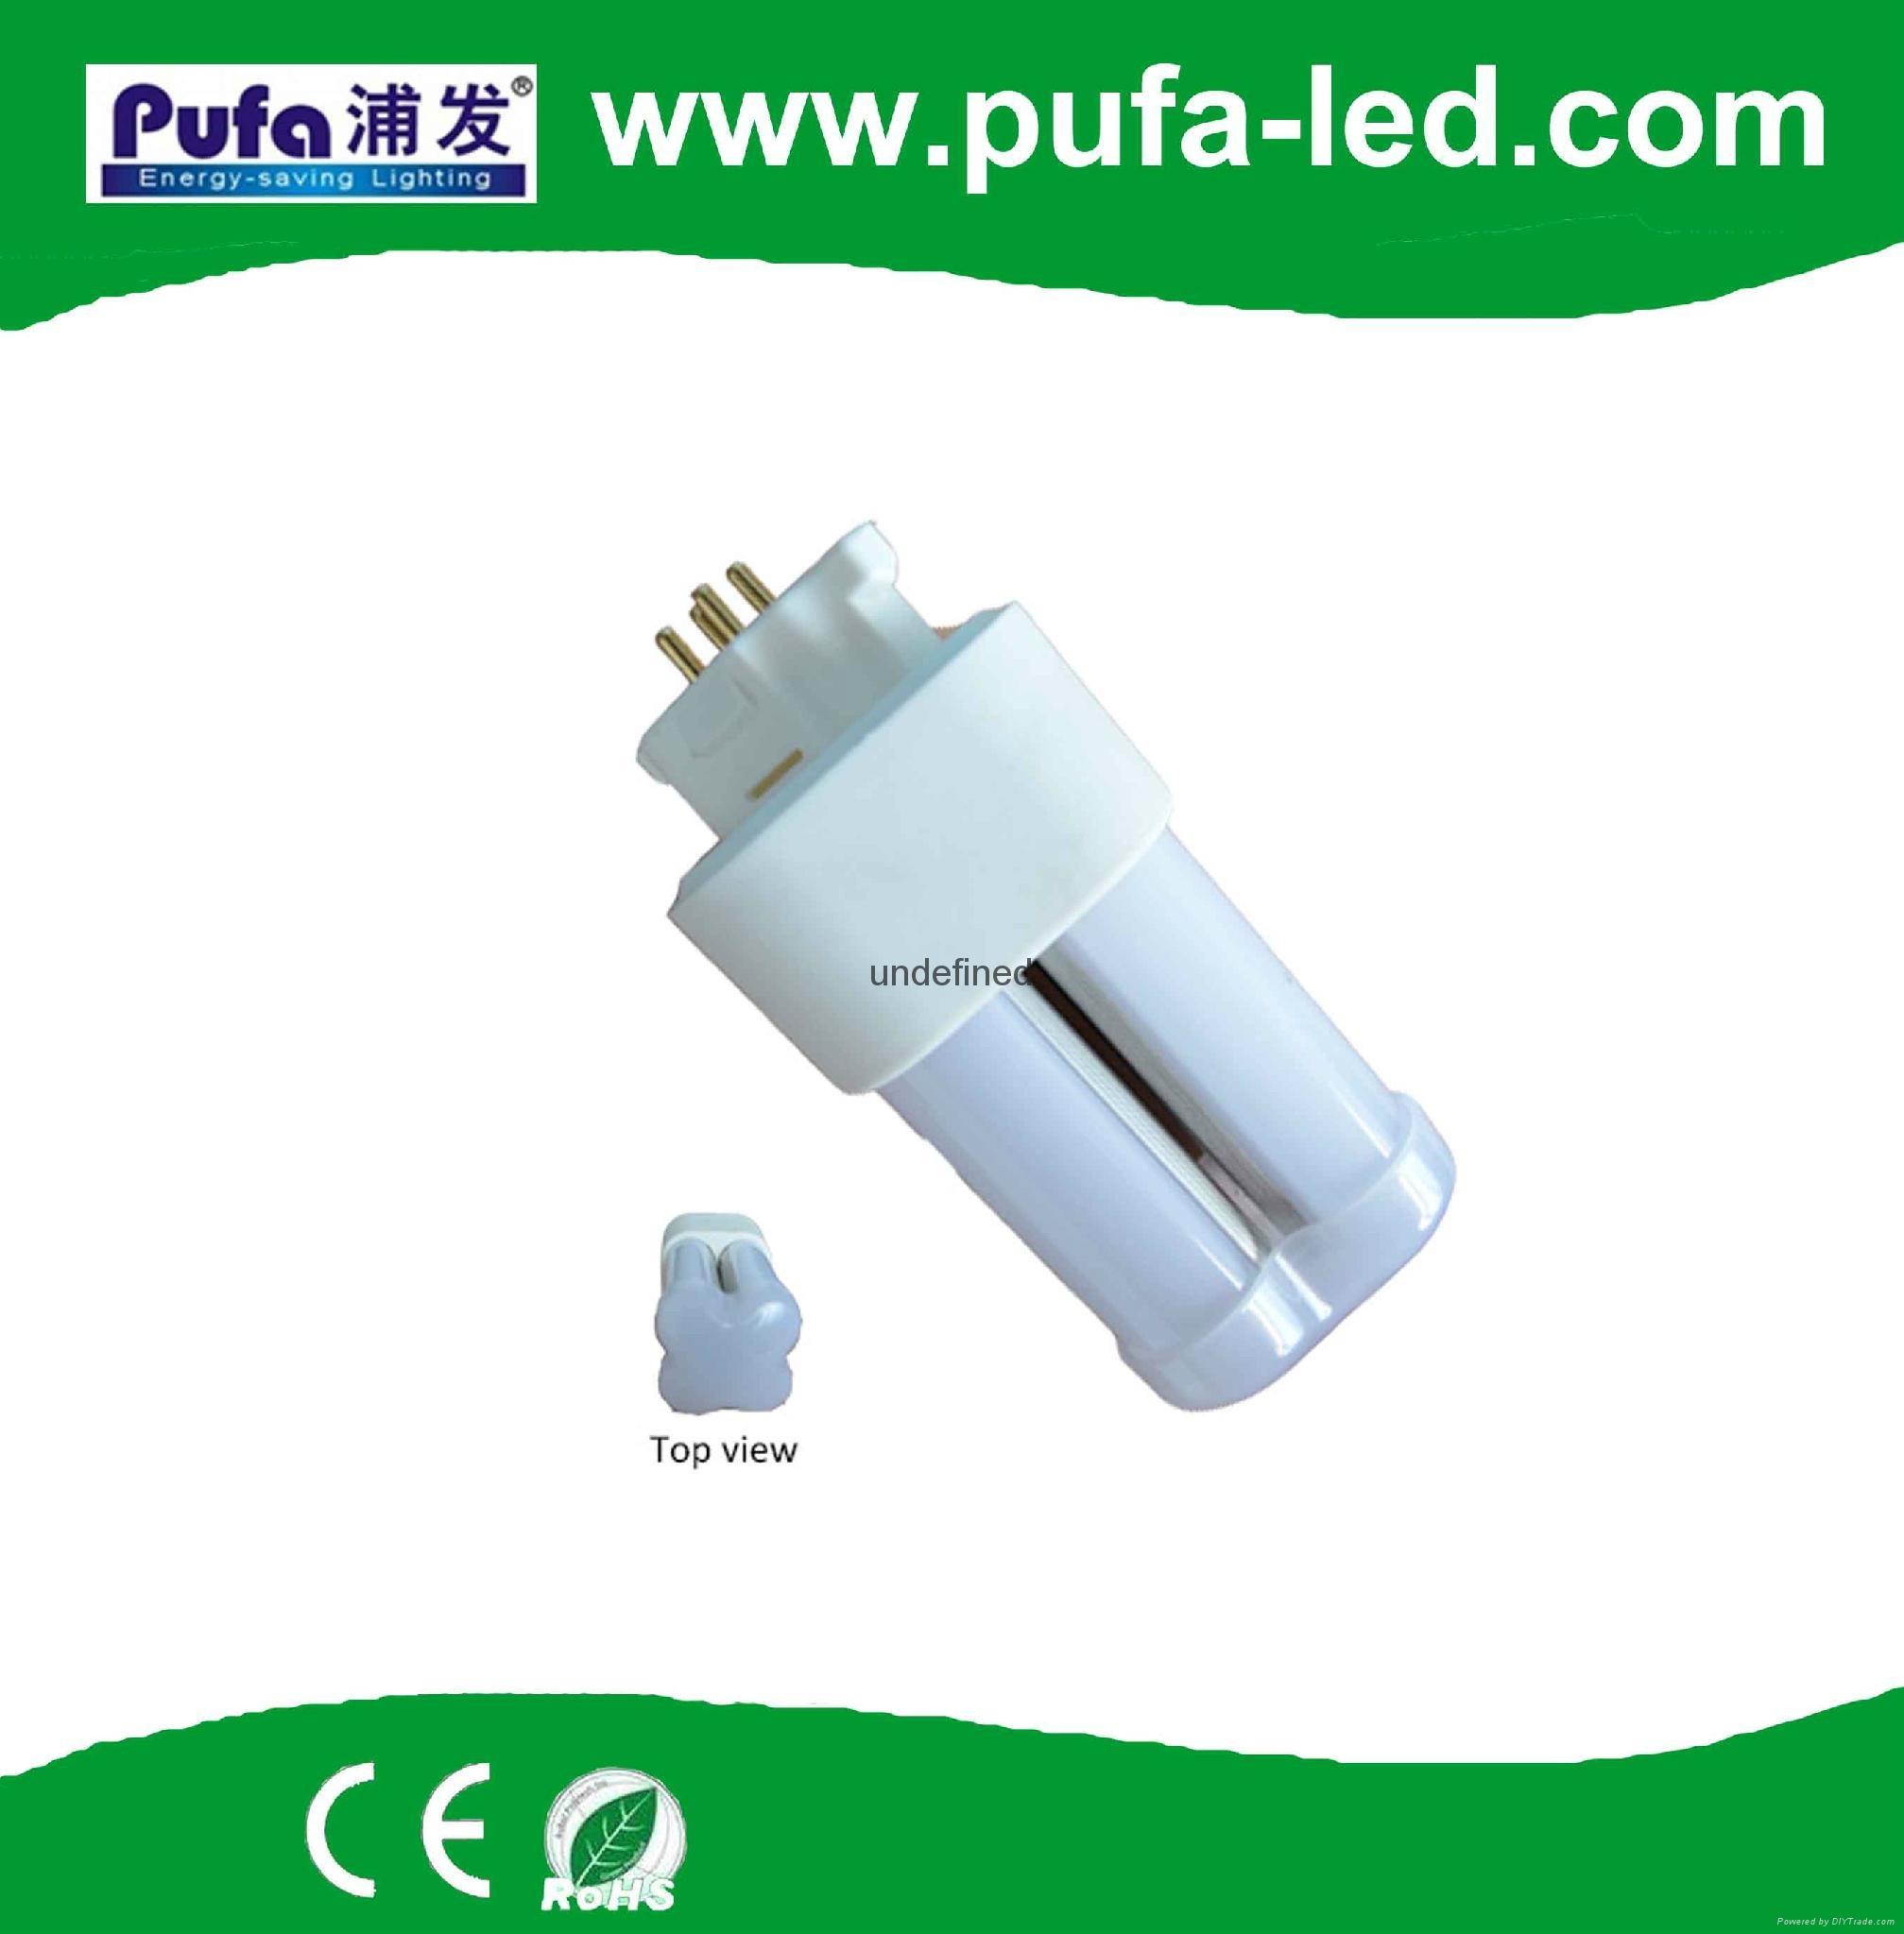 LED GX10Q橫插燈 18W 1